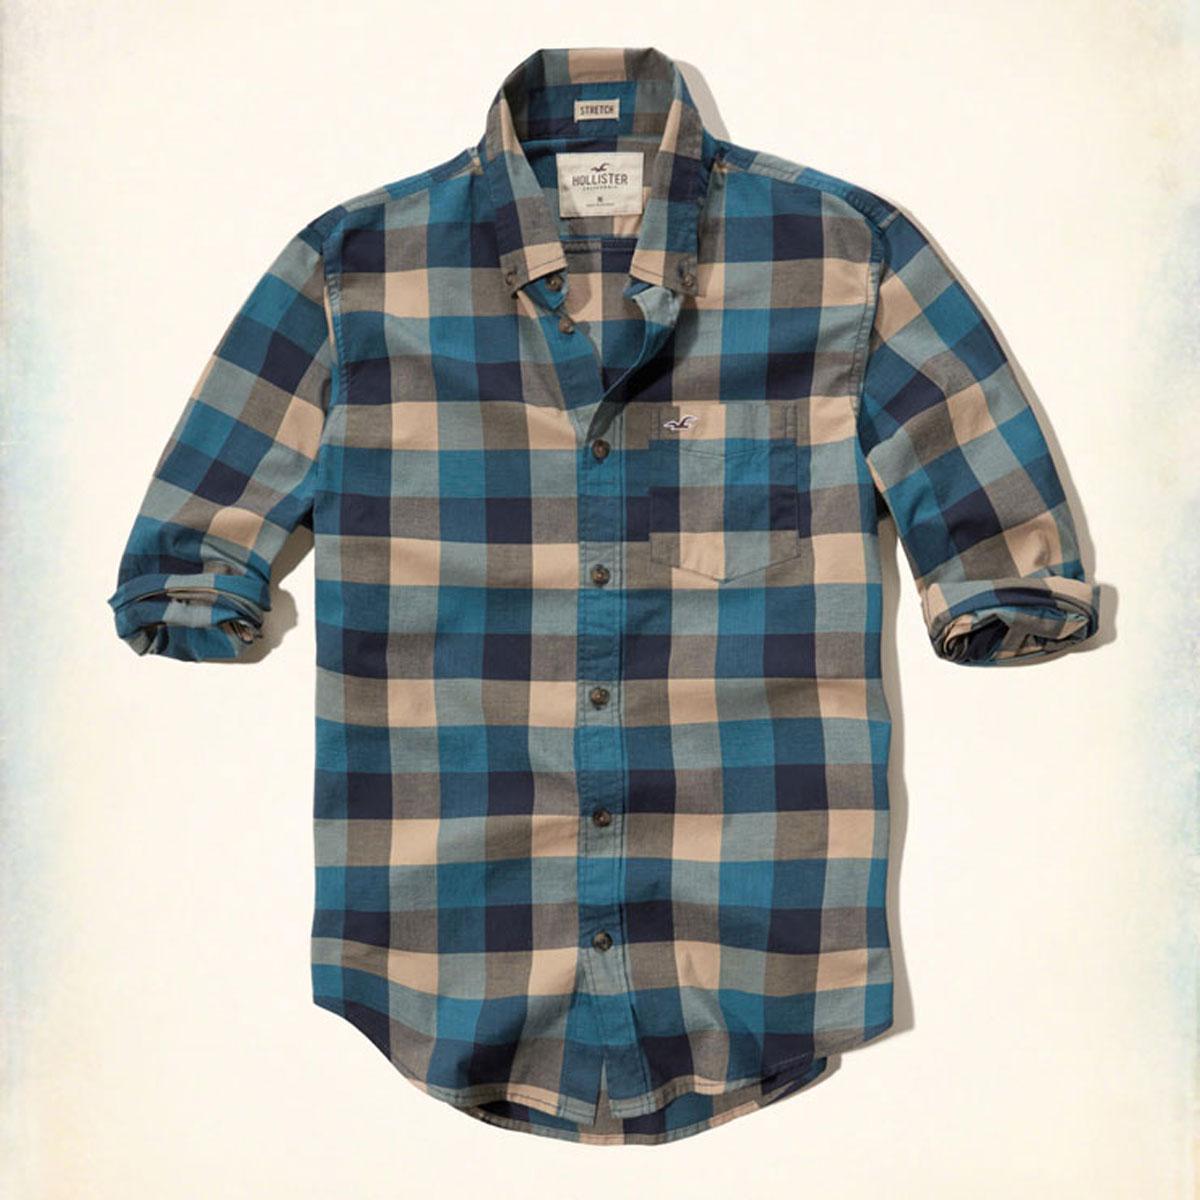 ホリスター HOLLISTER 正規品 メンズ 長袖シャツ  Plaid Poplin Shirt Epic Flex 325-259-1612-808